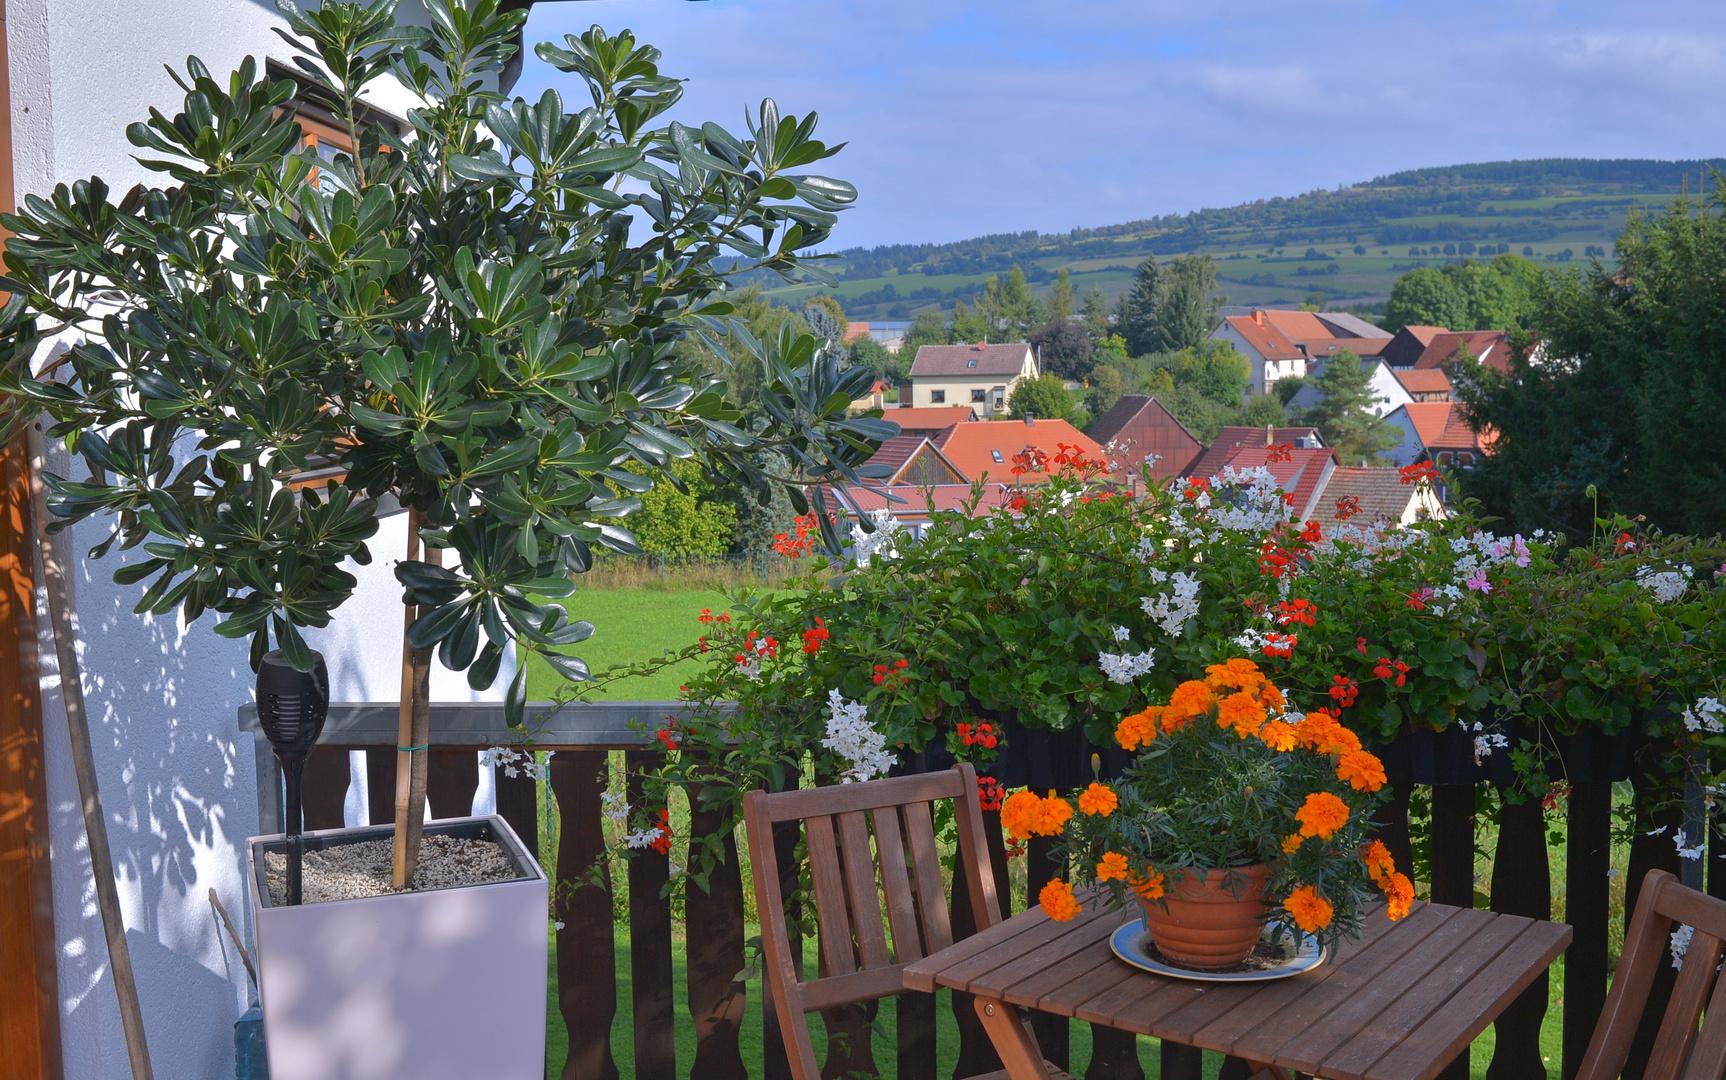 an unserem Hauseingang (en la entrada de nuestra casa)